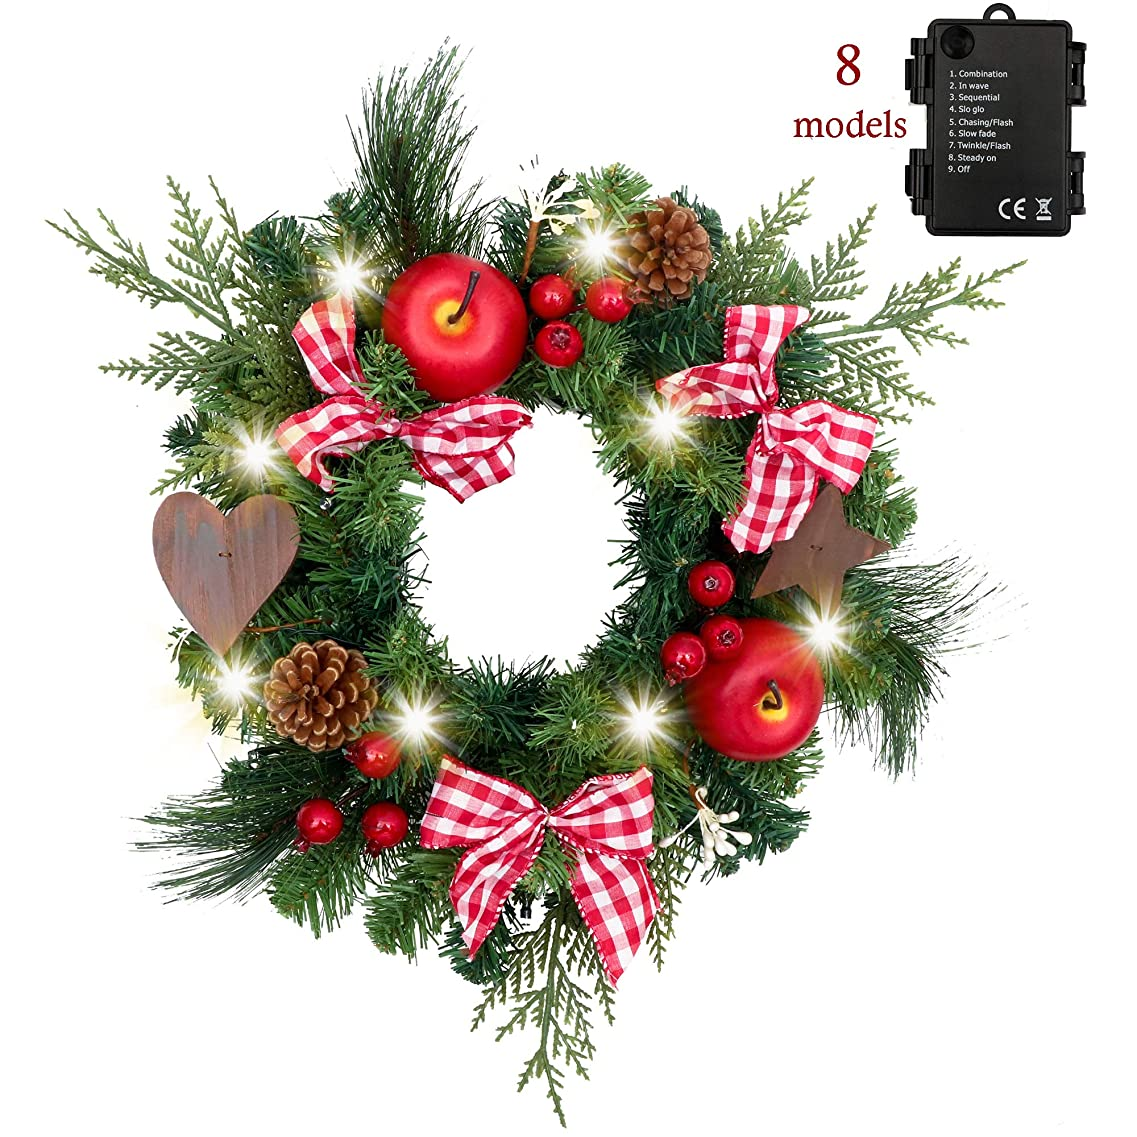 定義ゴム集中Valery Madelyn クリスマス リース クリスマス オーナメント 红白 Xmas 壁掛け 玄関飾り直径30cm 北欧風 クリスマス 飾り 飾り付け おしゃれ ゴージャス 人気 クリスマス オーナメント